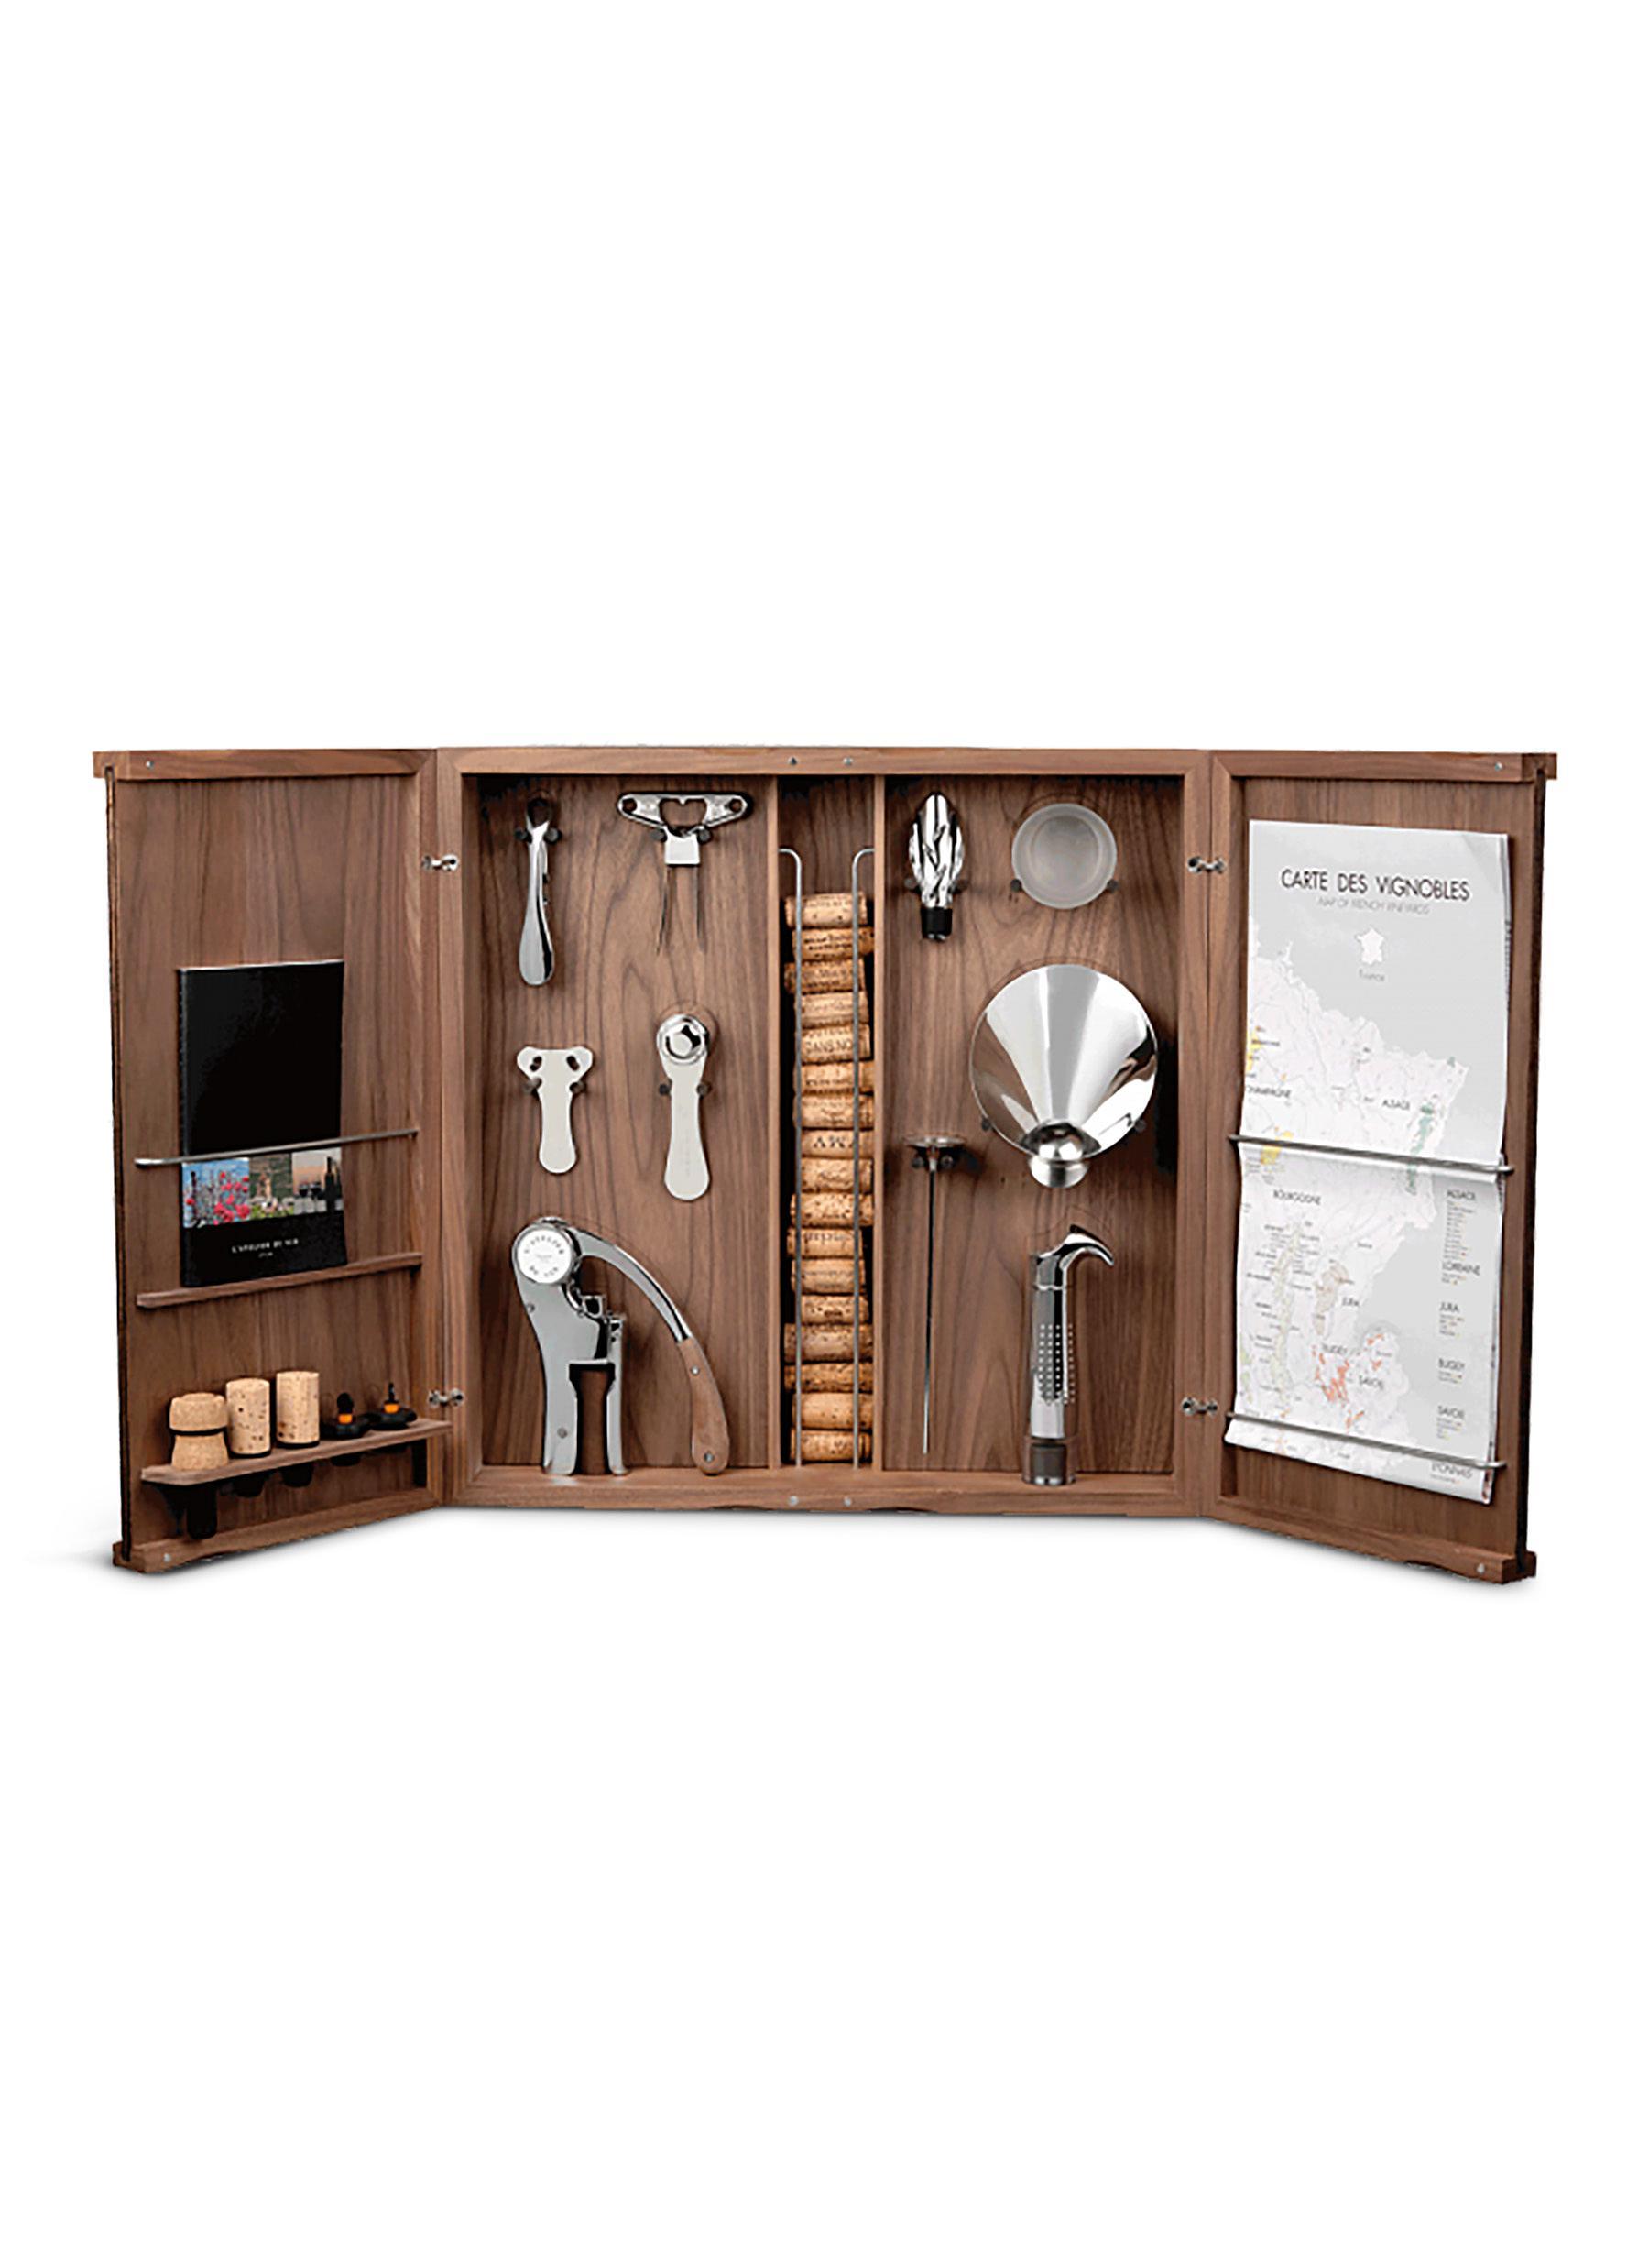 L/'Atelier du Vin Hardwood and Stainless Steel Chef Sommelier Corkscrew